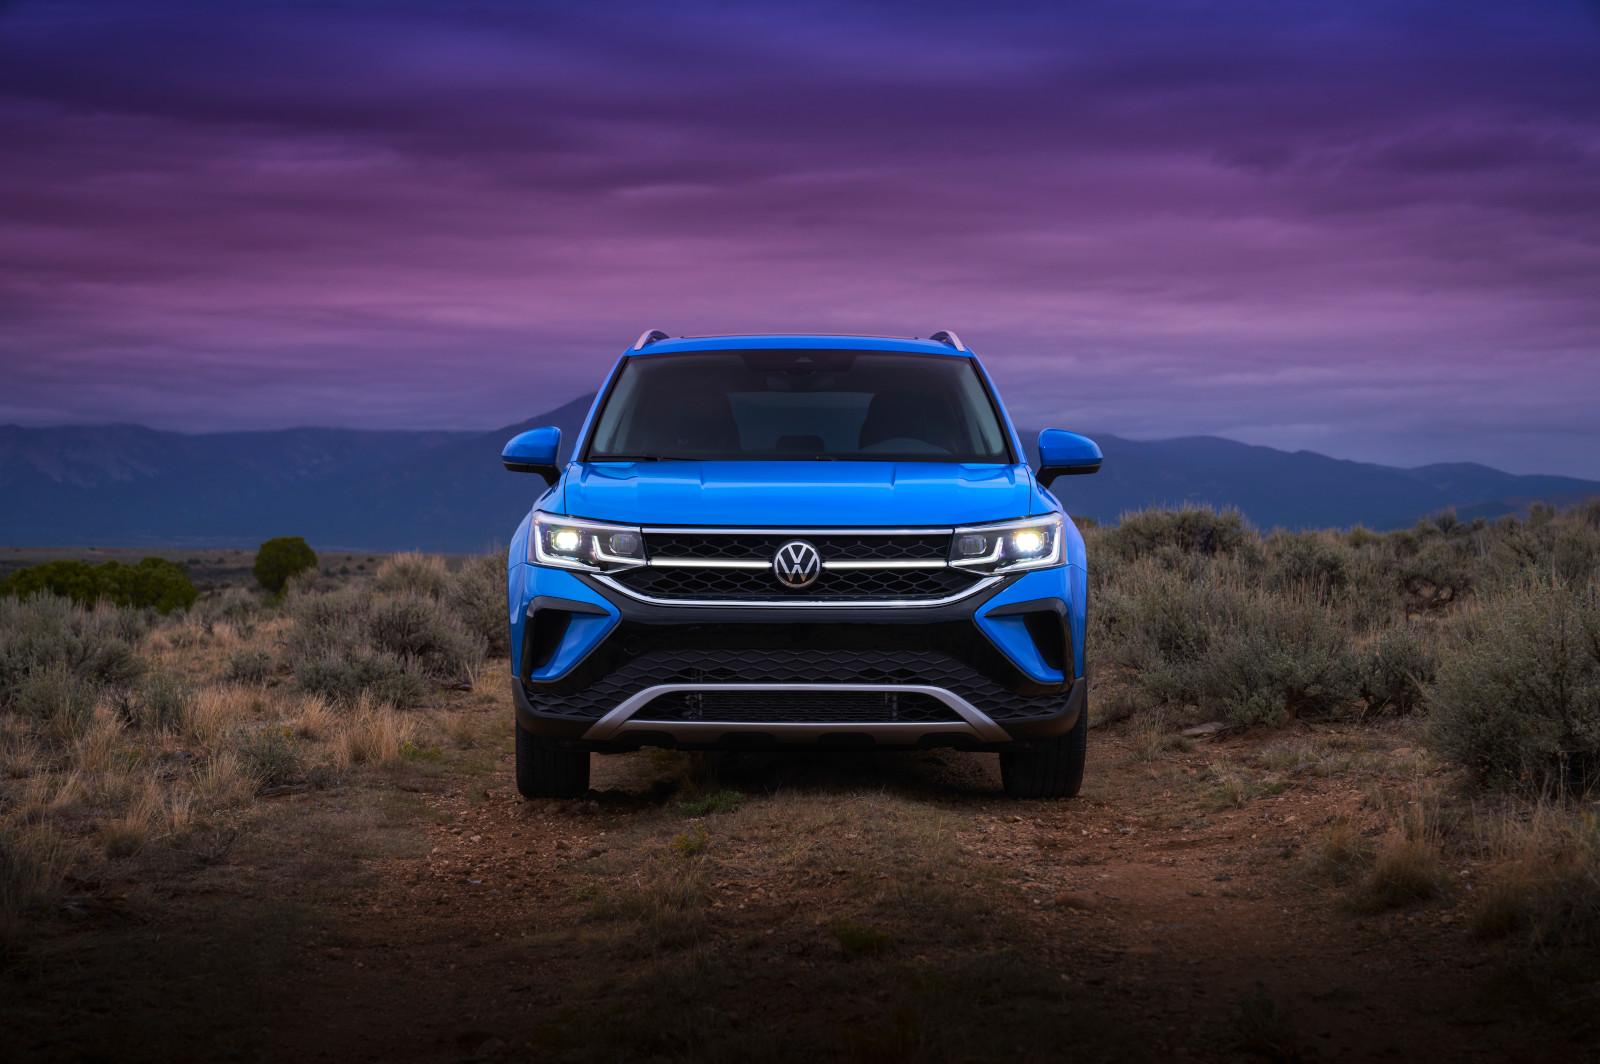 Volkswagen Taos en tres versiones con precios desde 449,990 a 535,990 pesos